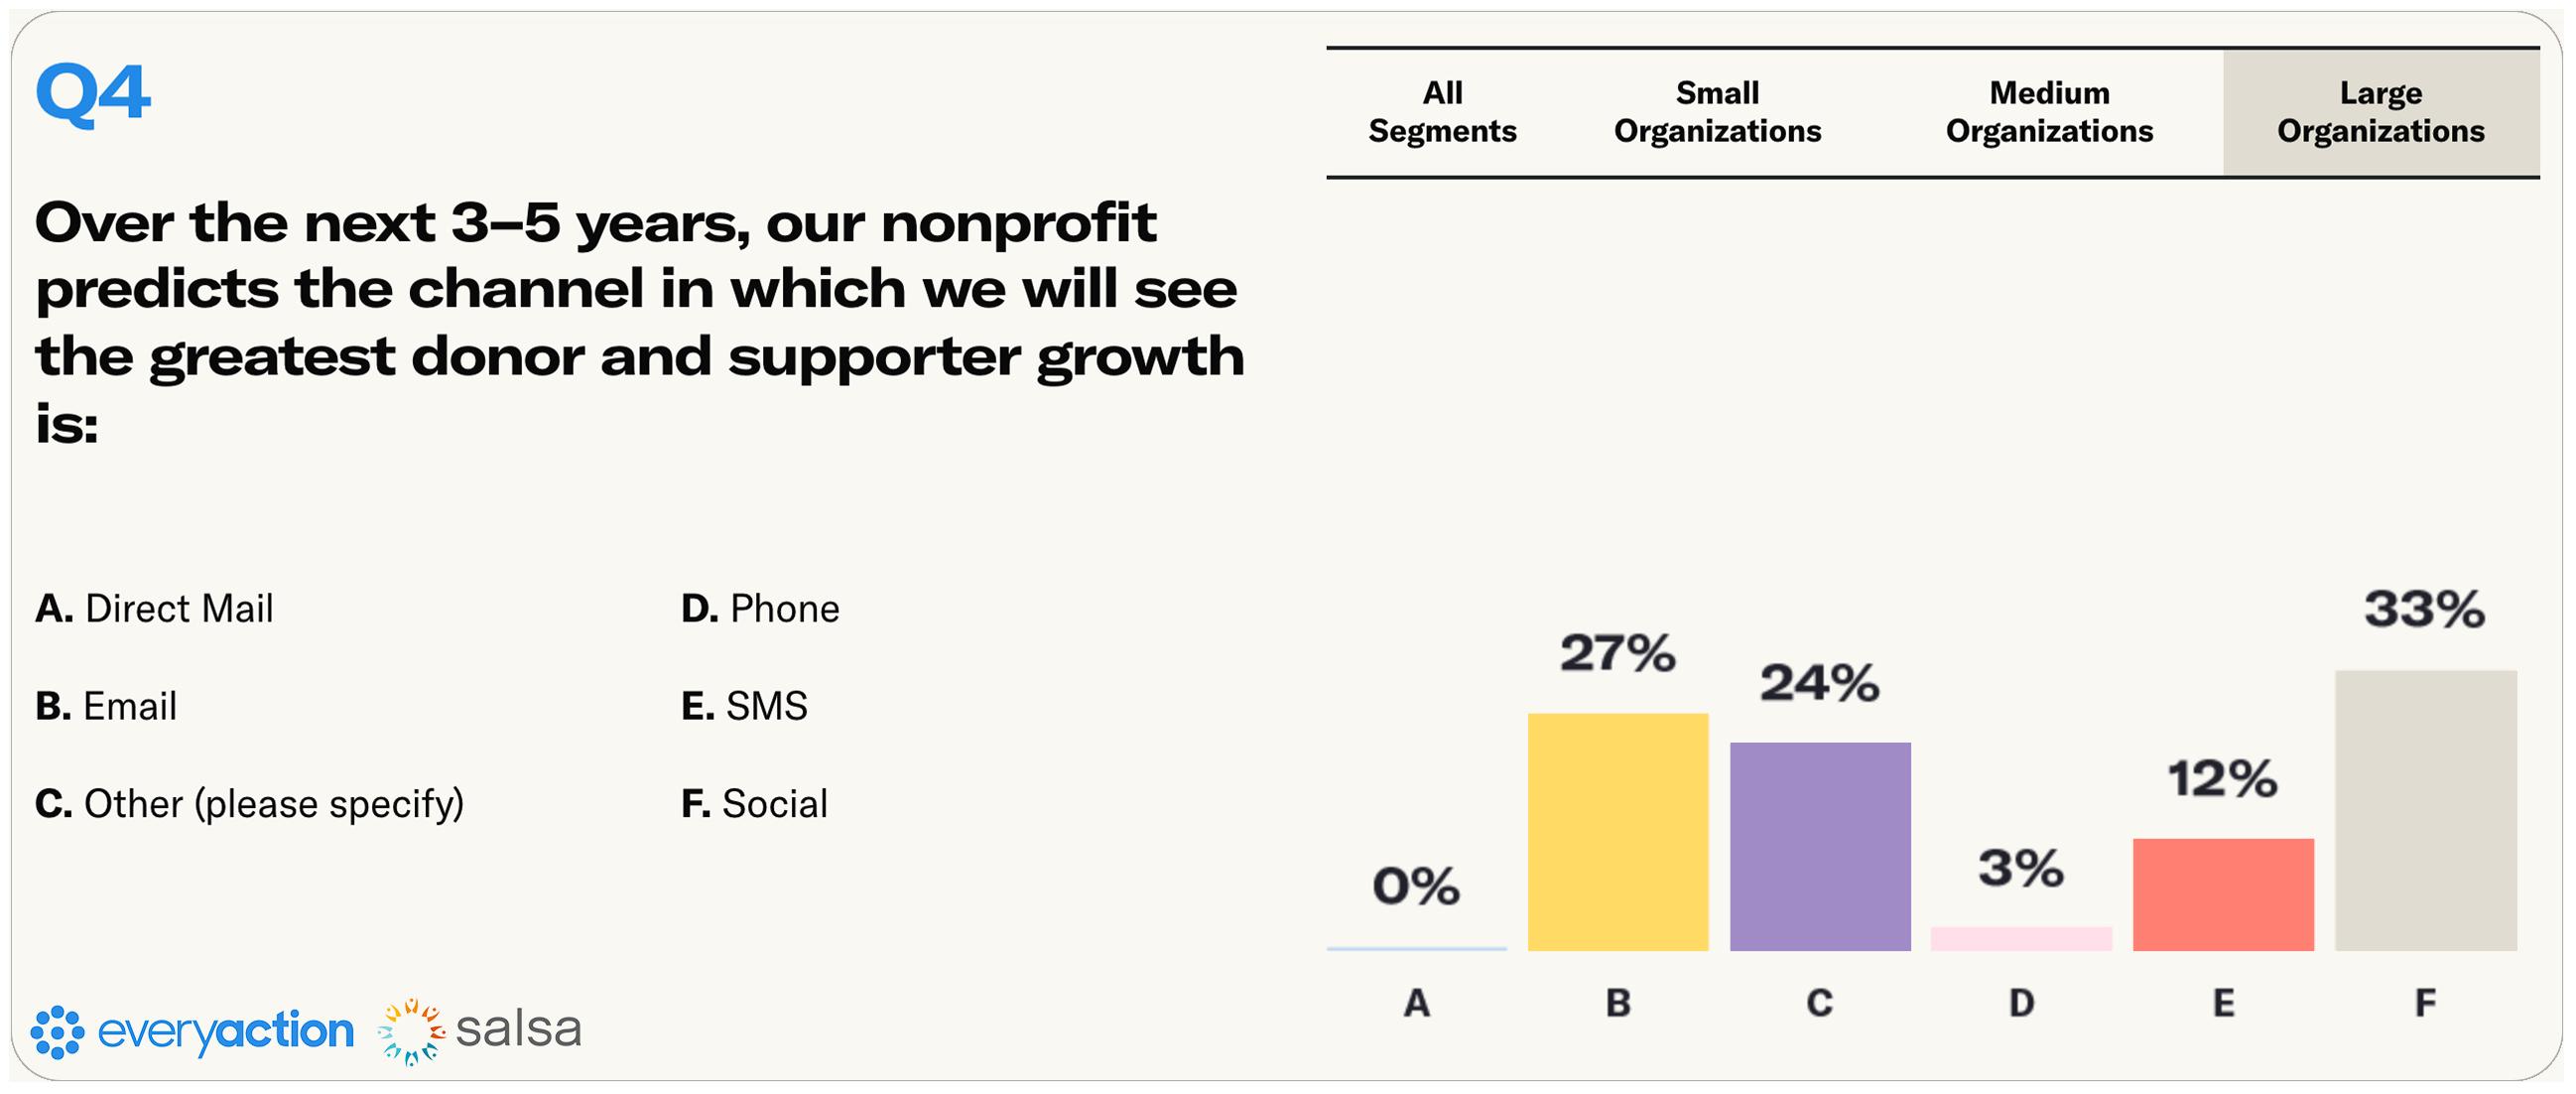 Nonprofit Fundraising Survey Q4 Large Nonprofits Image